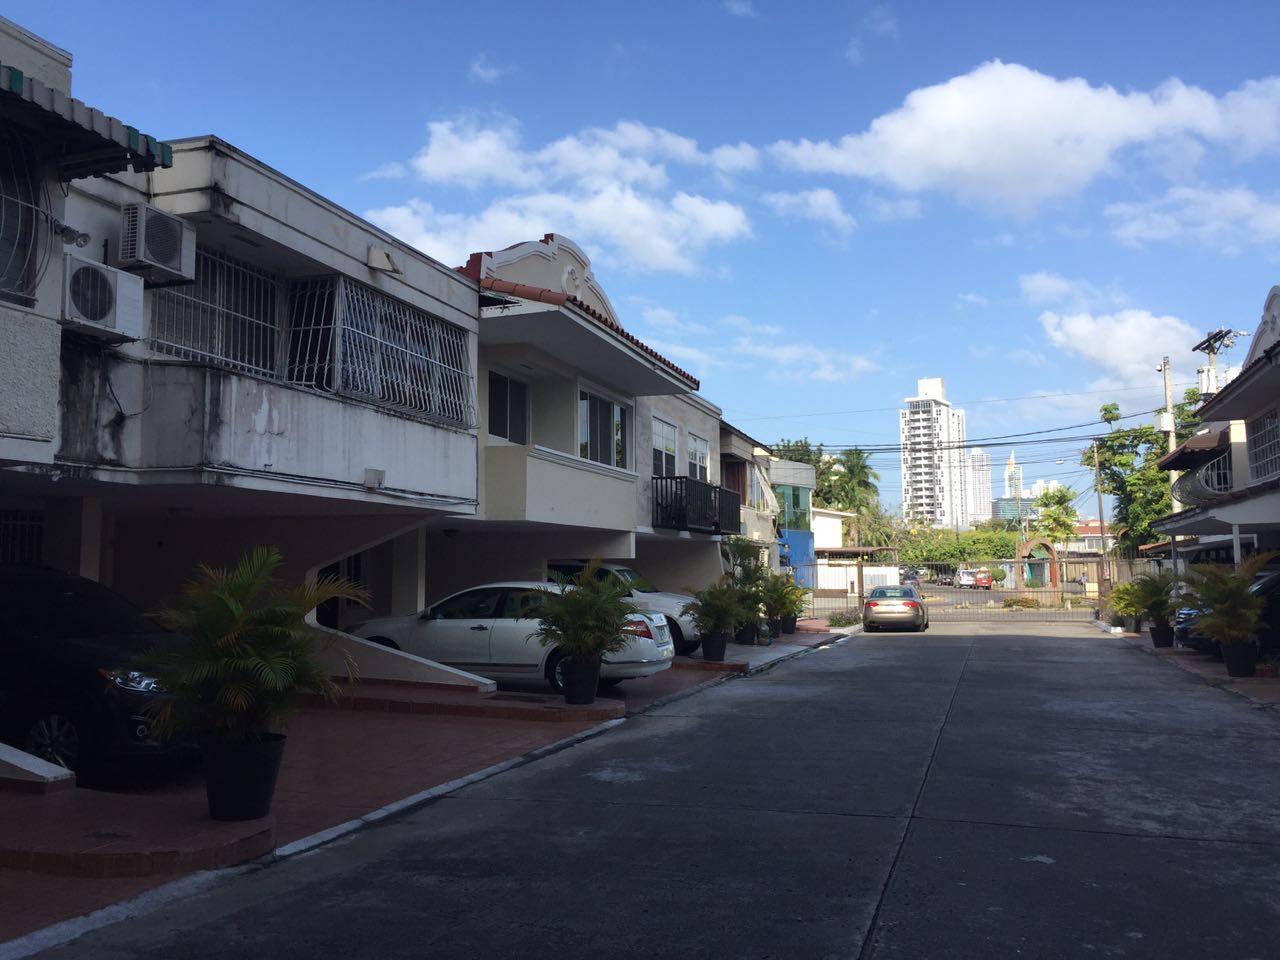 El-Carmen-Panama-property-panamaequityel-carmen-home-close-episcopal-5.jpg